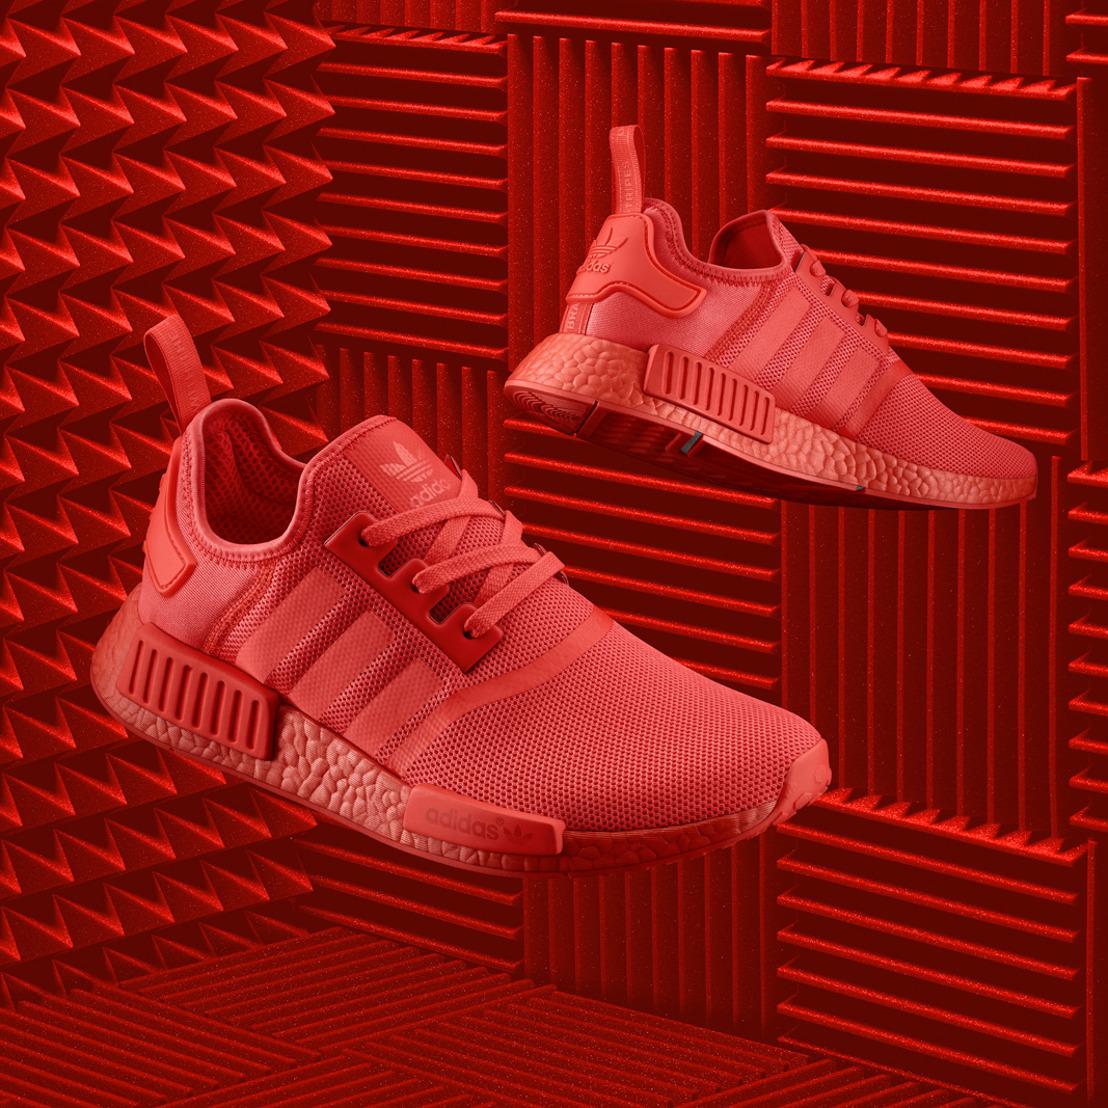 El NMD Color Boost pack de adidas Originals define impecablemente el color